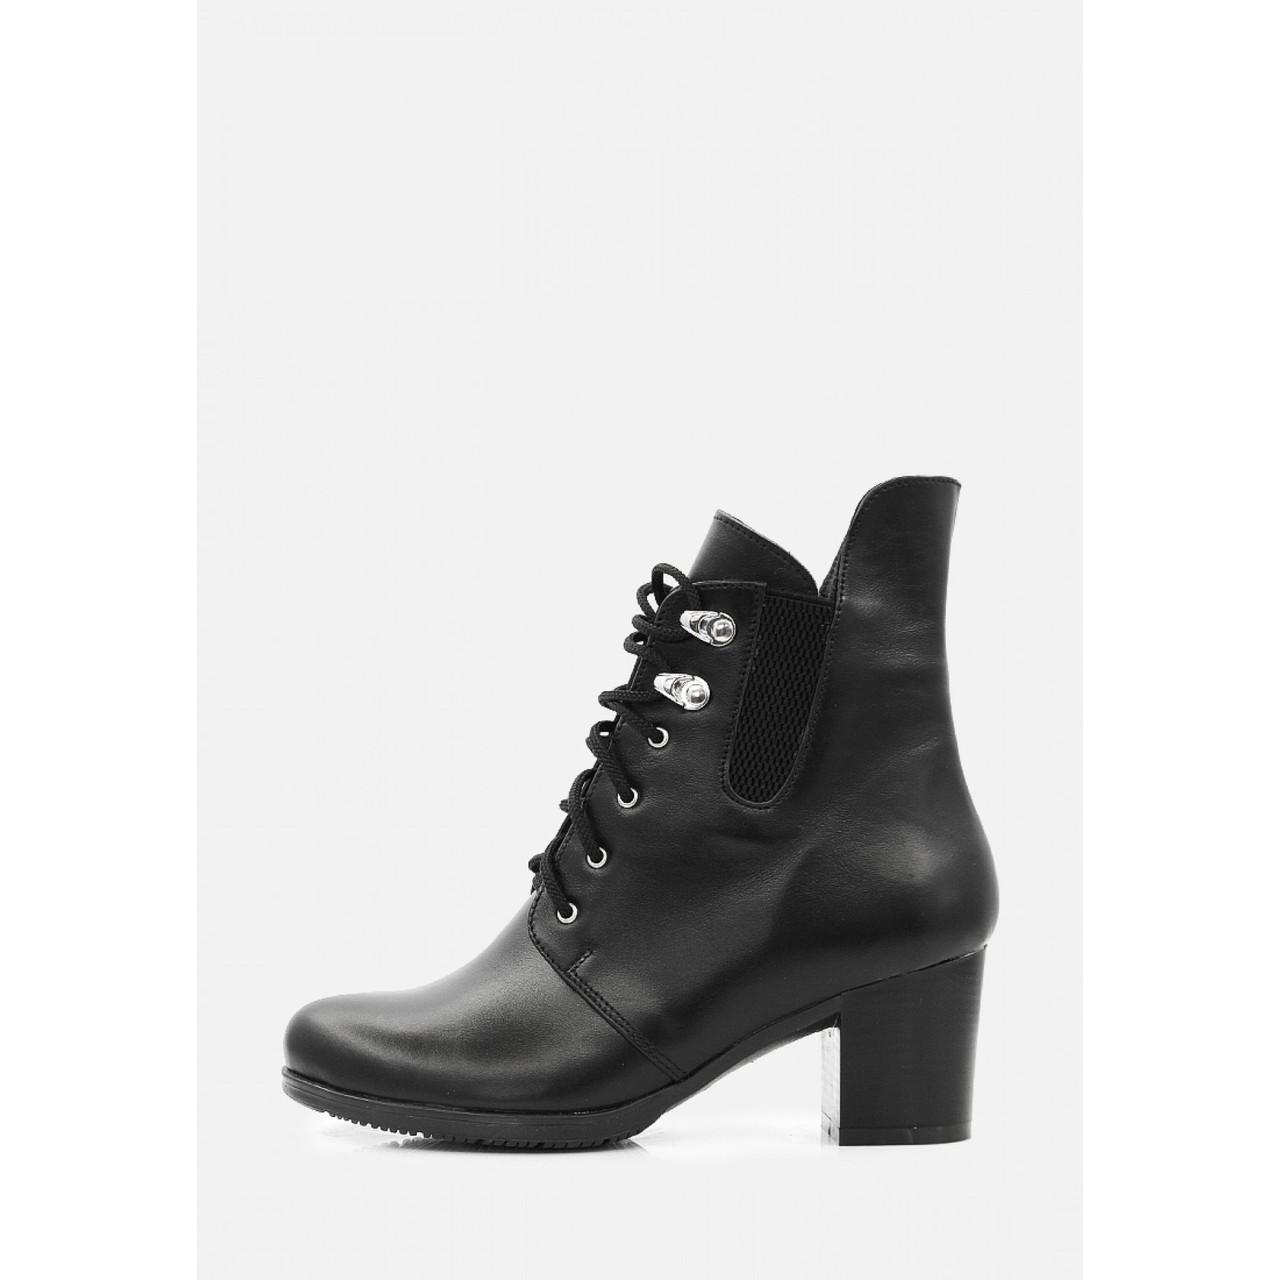 Жіночі класичні чорні шкіряні черевики на підборах